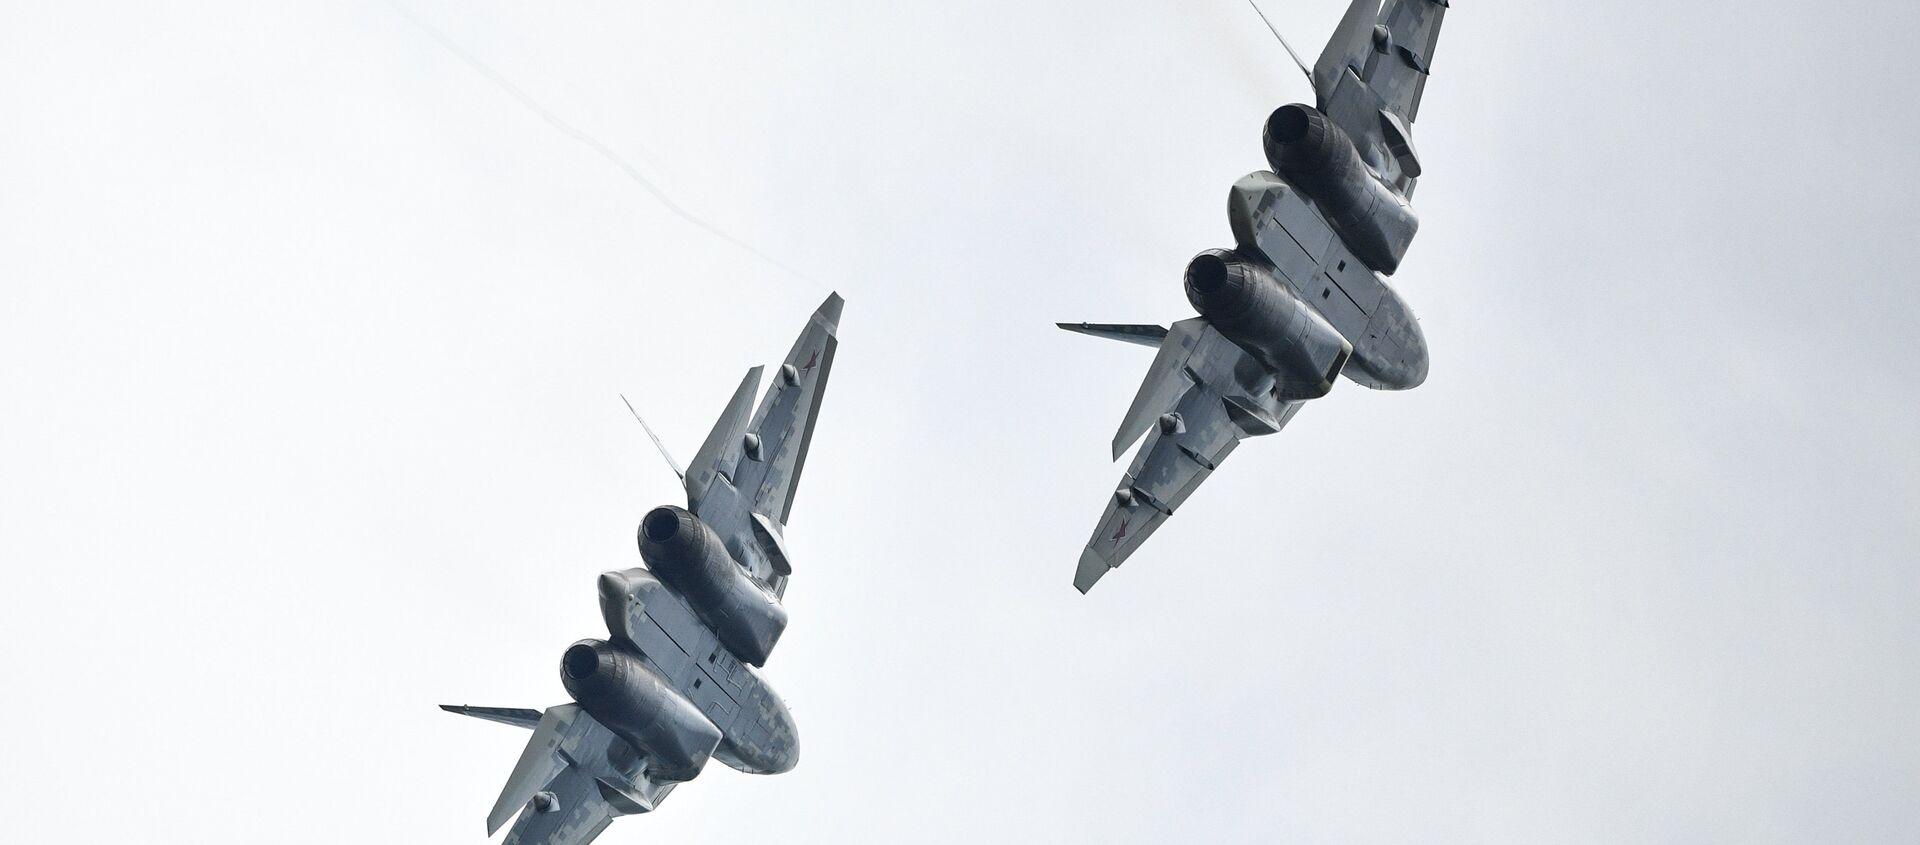 Dos cazas Su-57 (archivo) - Sputnik Mundo, 1920, 01.01.2021